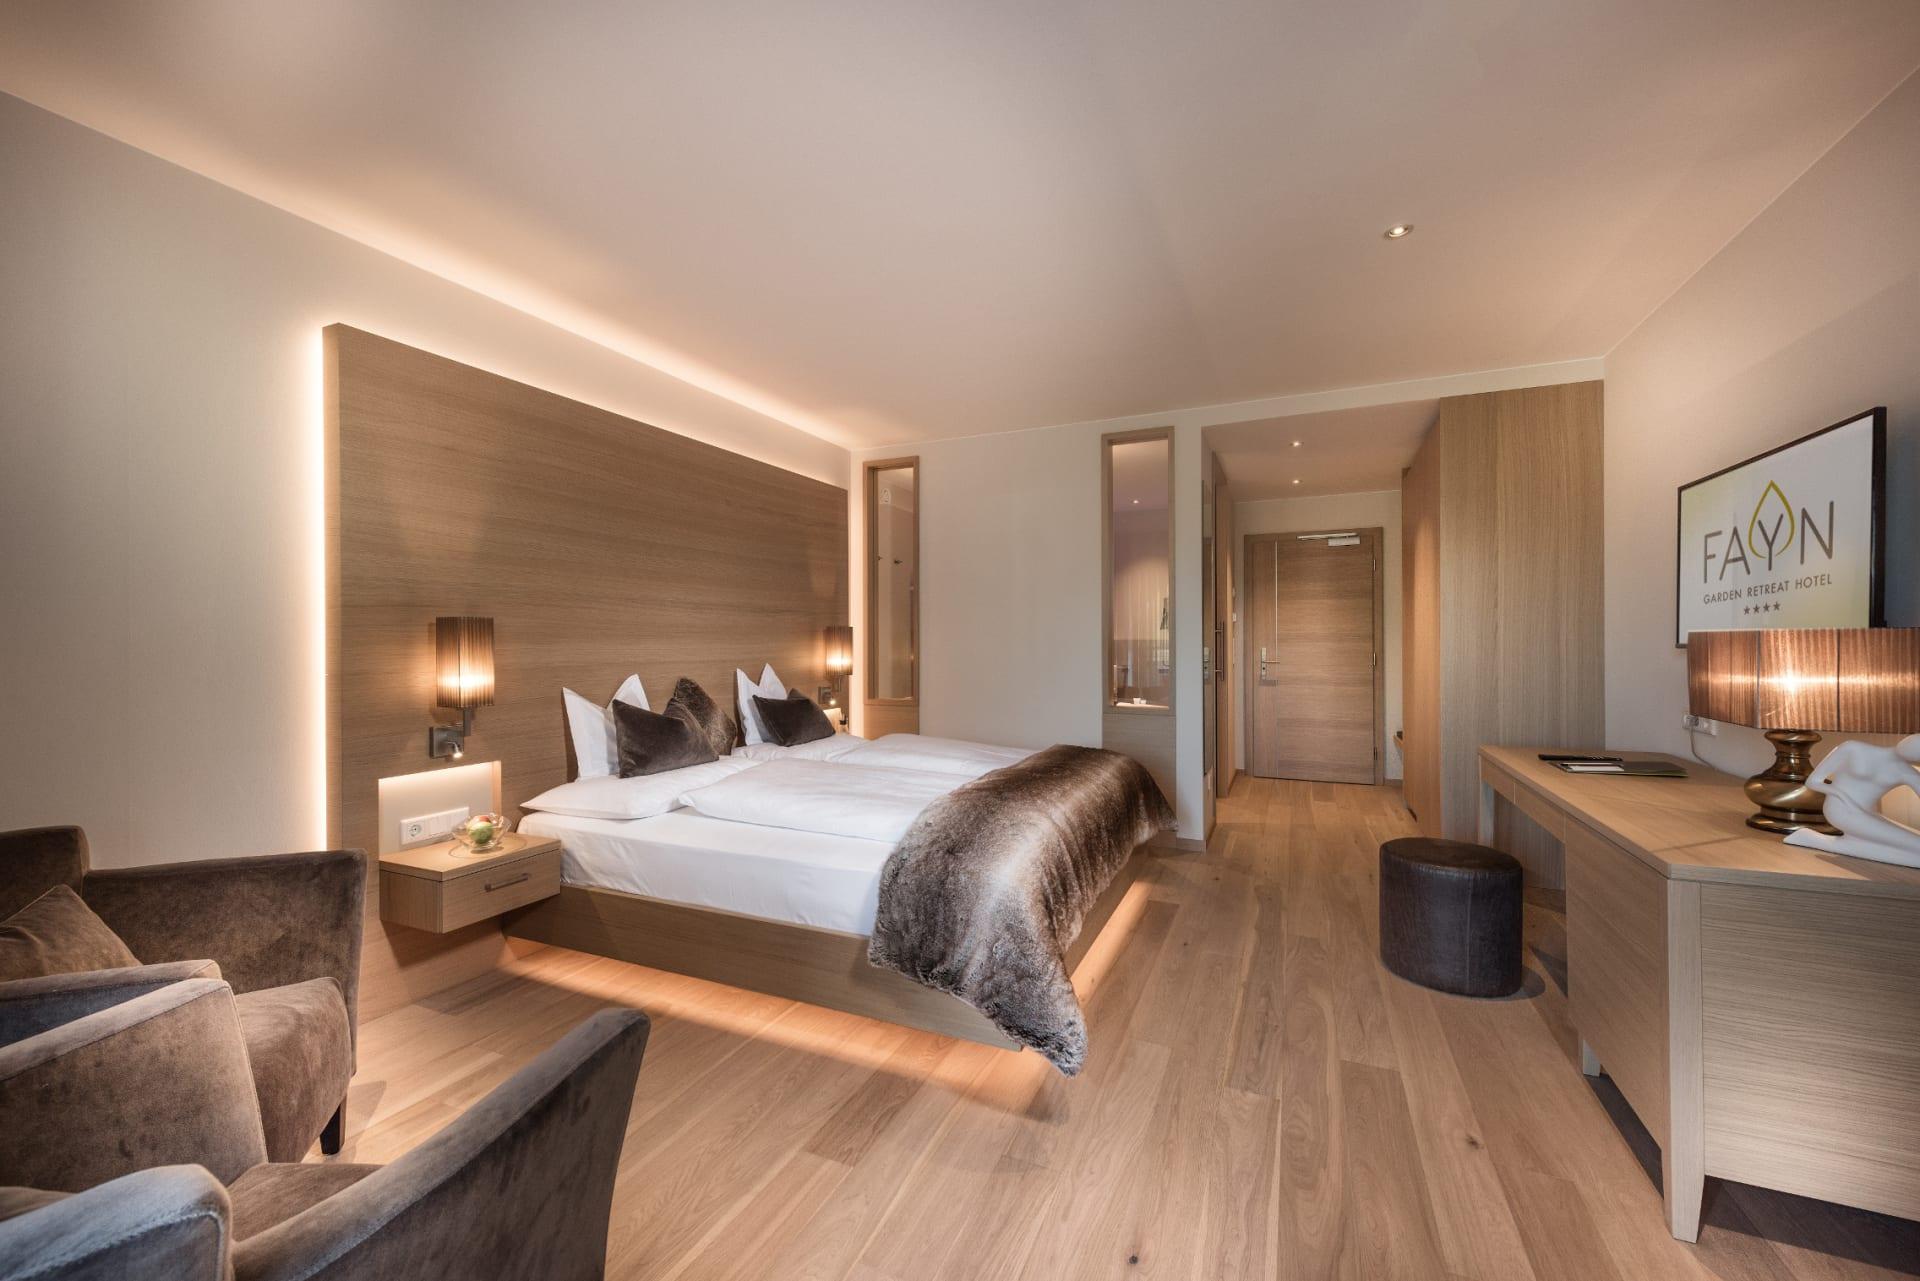 Zimmer-Detail - HOTEL FAYN · 4 Sterne Hotel in Algund bei Meran